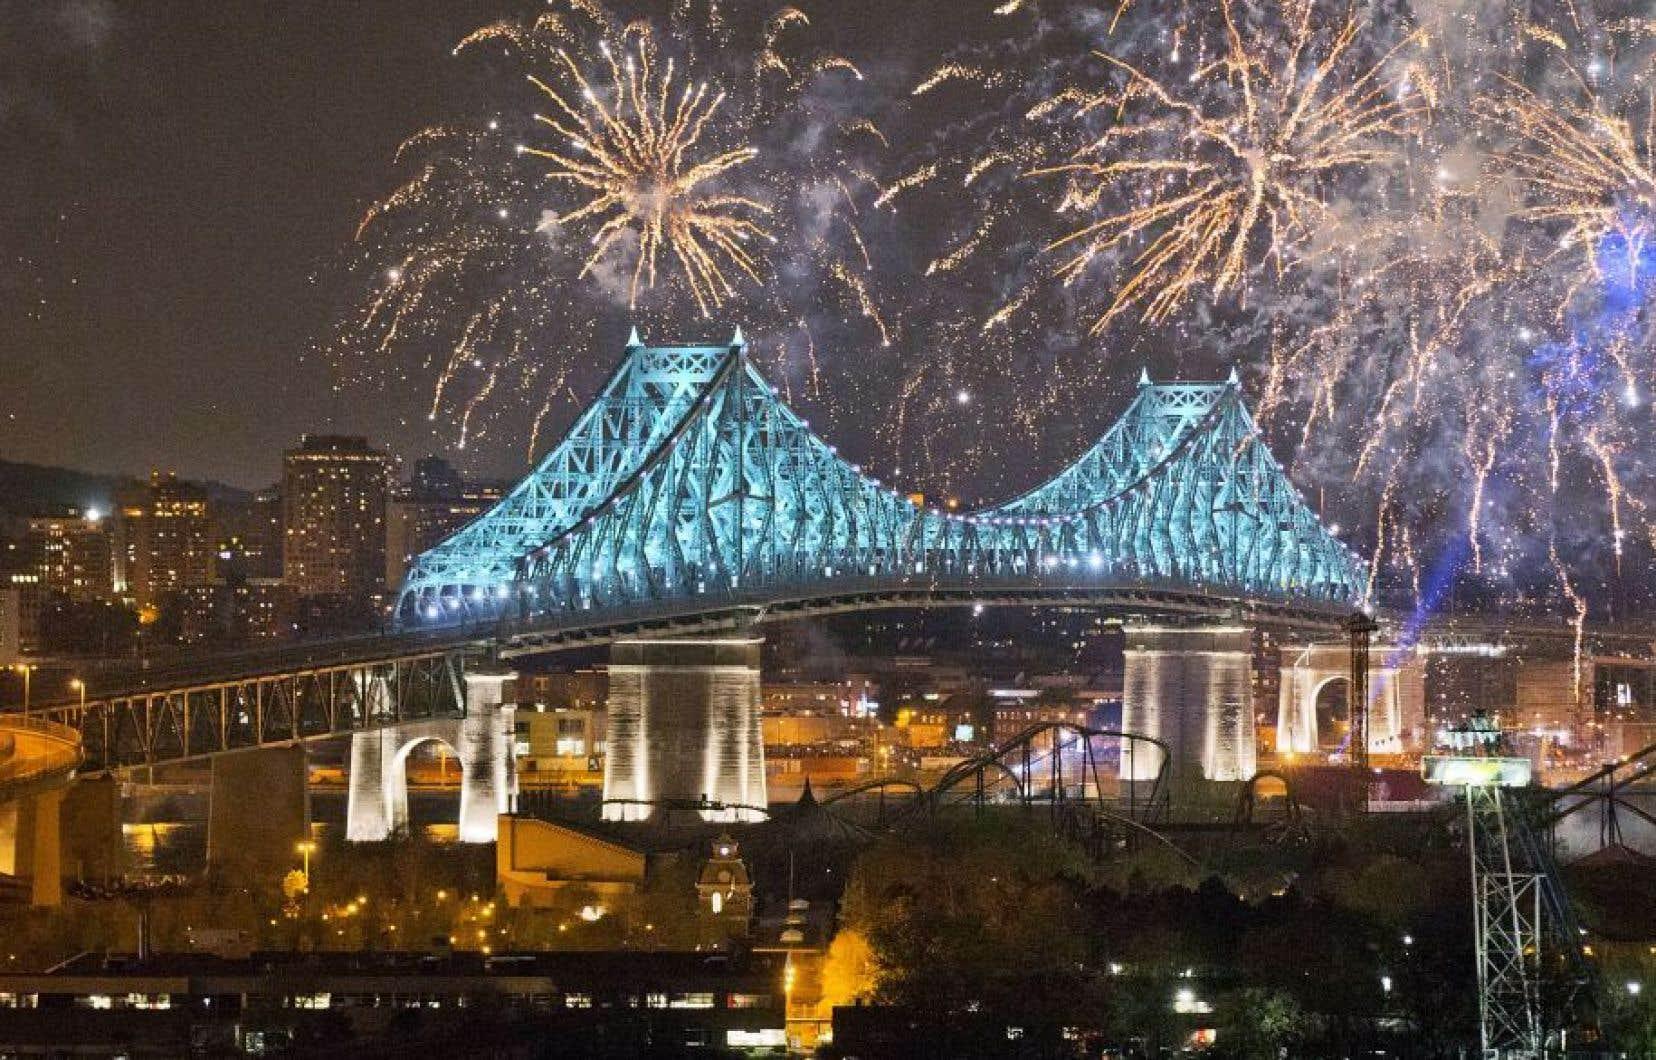 Le spectacle avait été présenté 17mai dernier devant plus de 400000 personnes réunies dans le Vieux-Montréal.